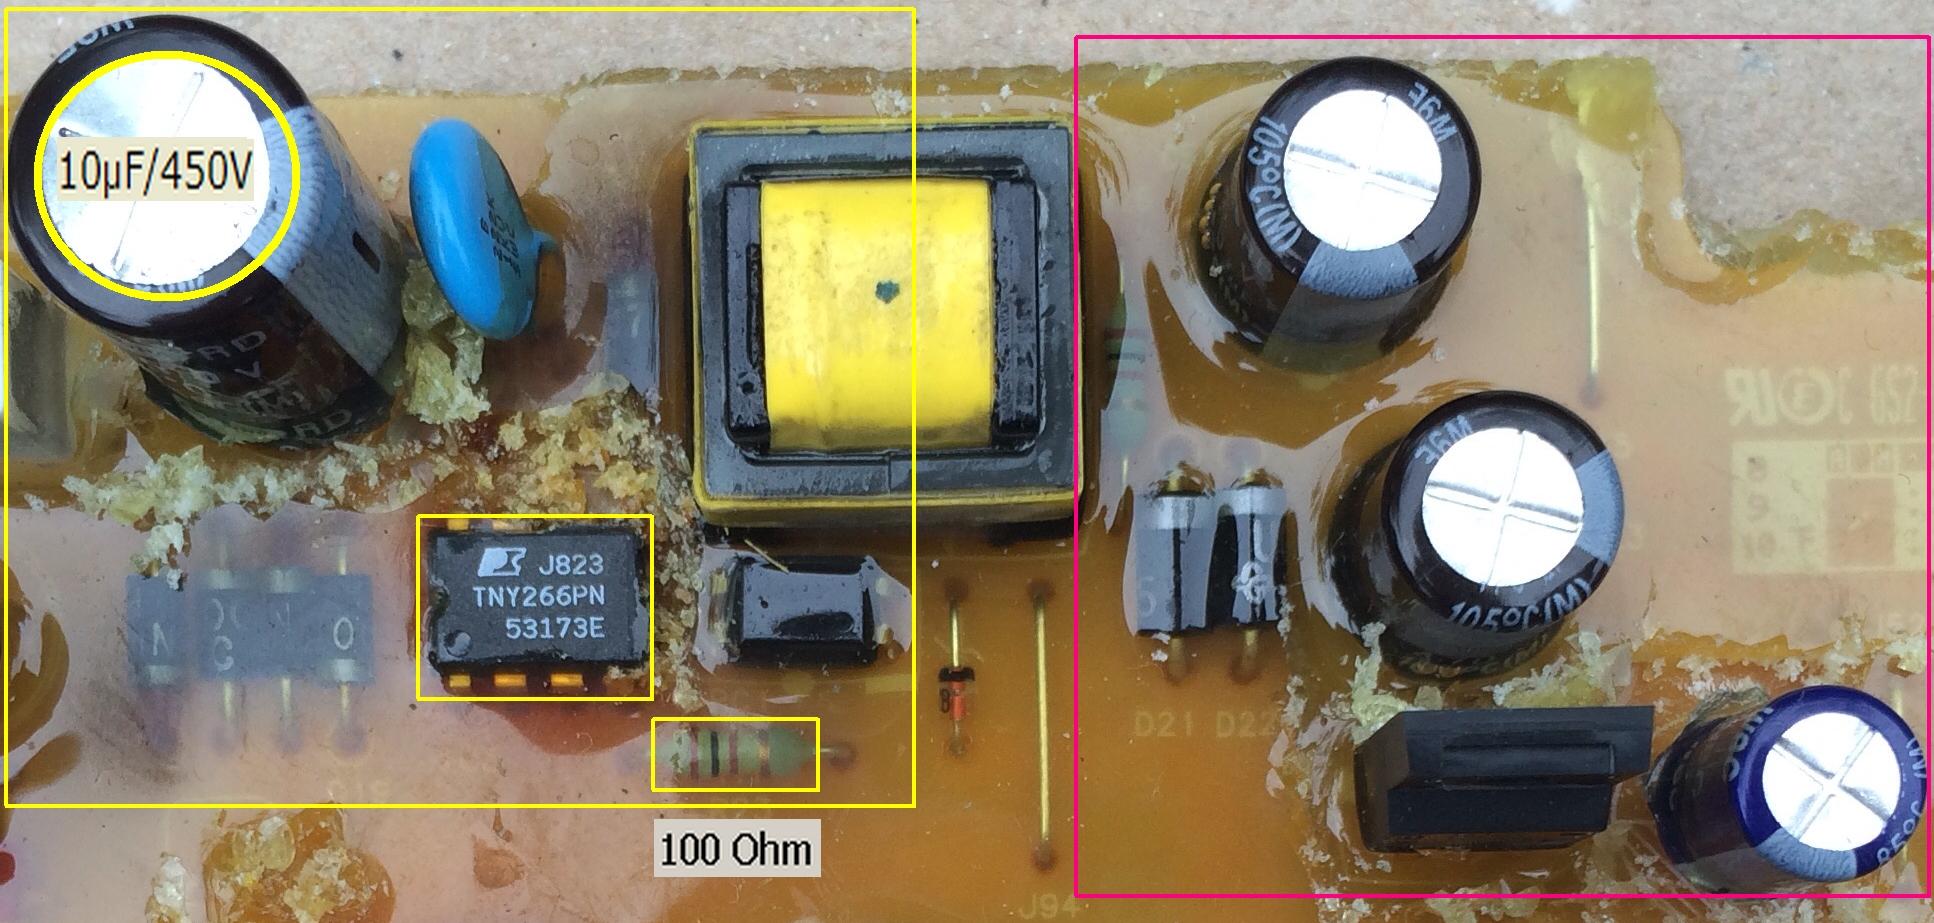 Samsung WF7602S8V - Pralka nie w��cza si�, spalony warystor ale jaki?